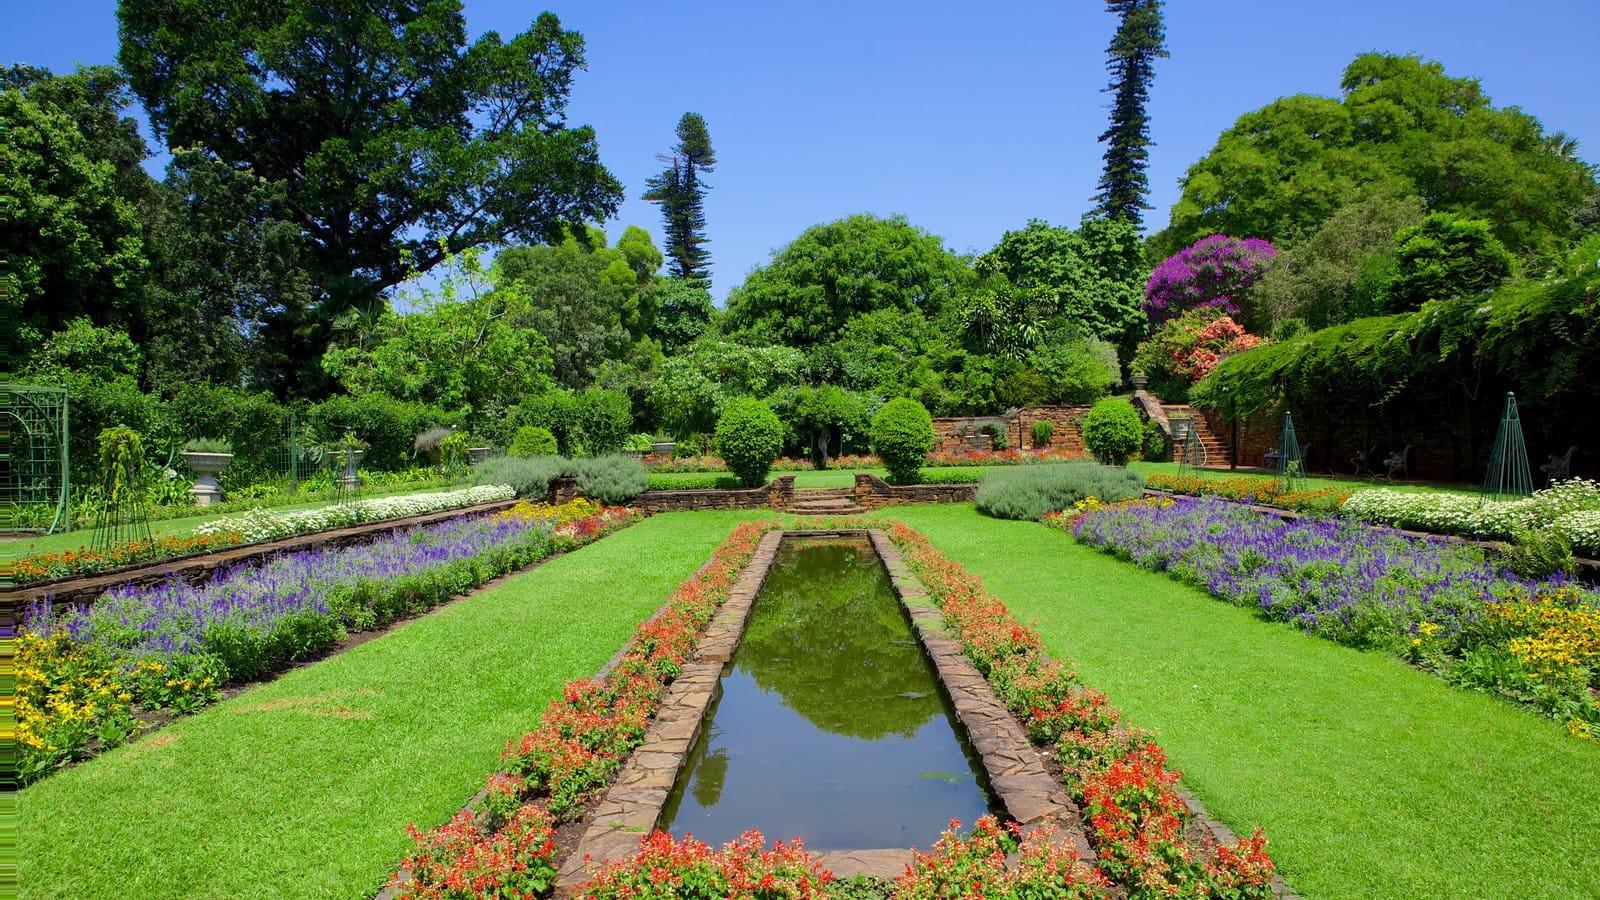 les jardins botaniques de durban afrique du sud d couverte. Black Bedroom Furniture Sets. Home Design Ideas